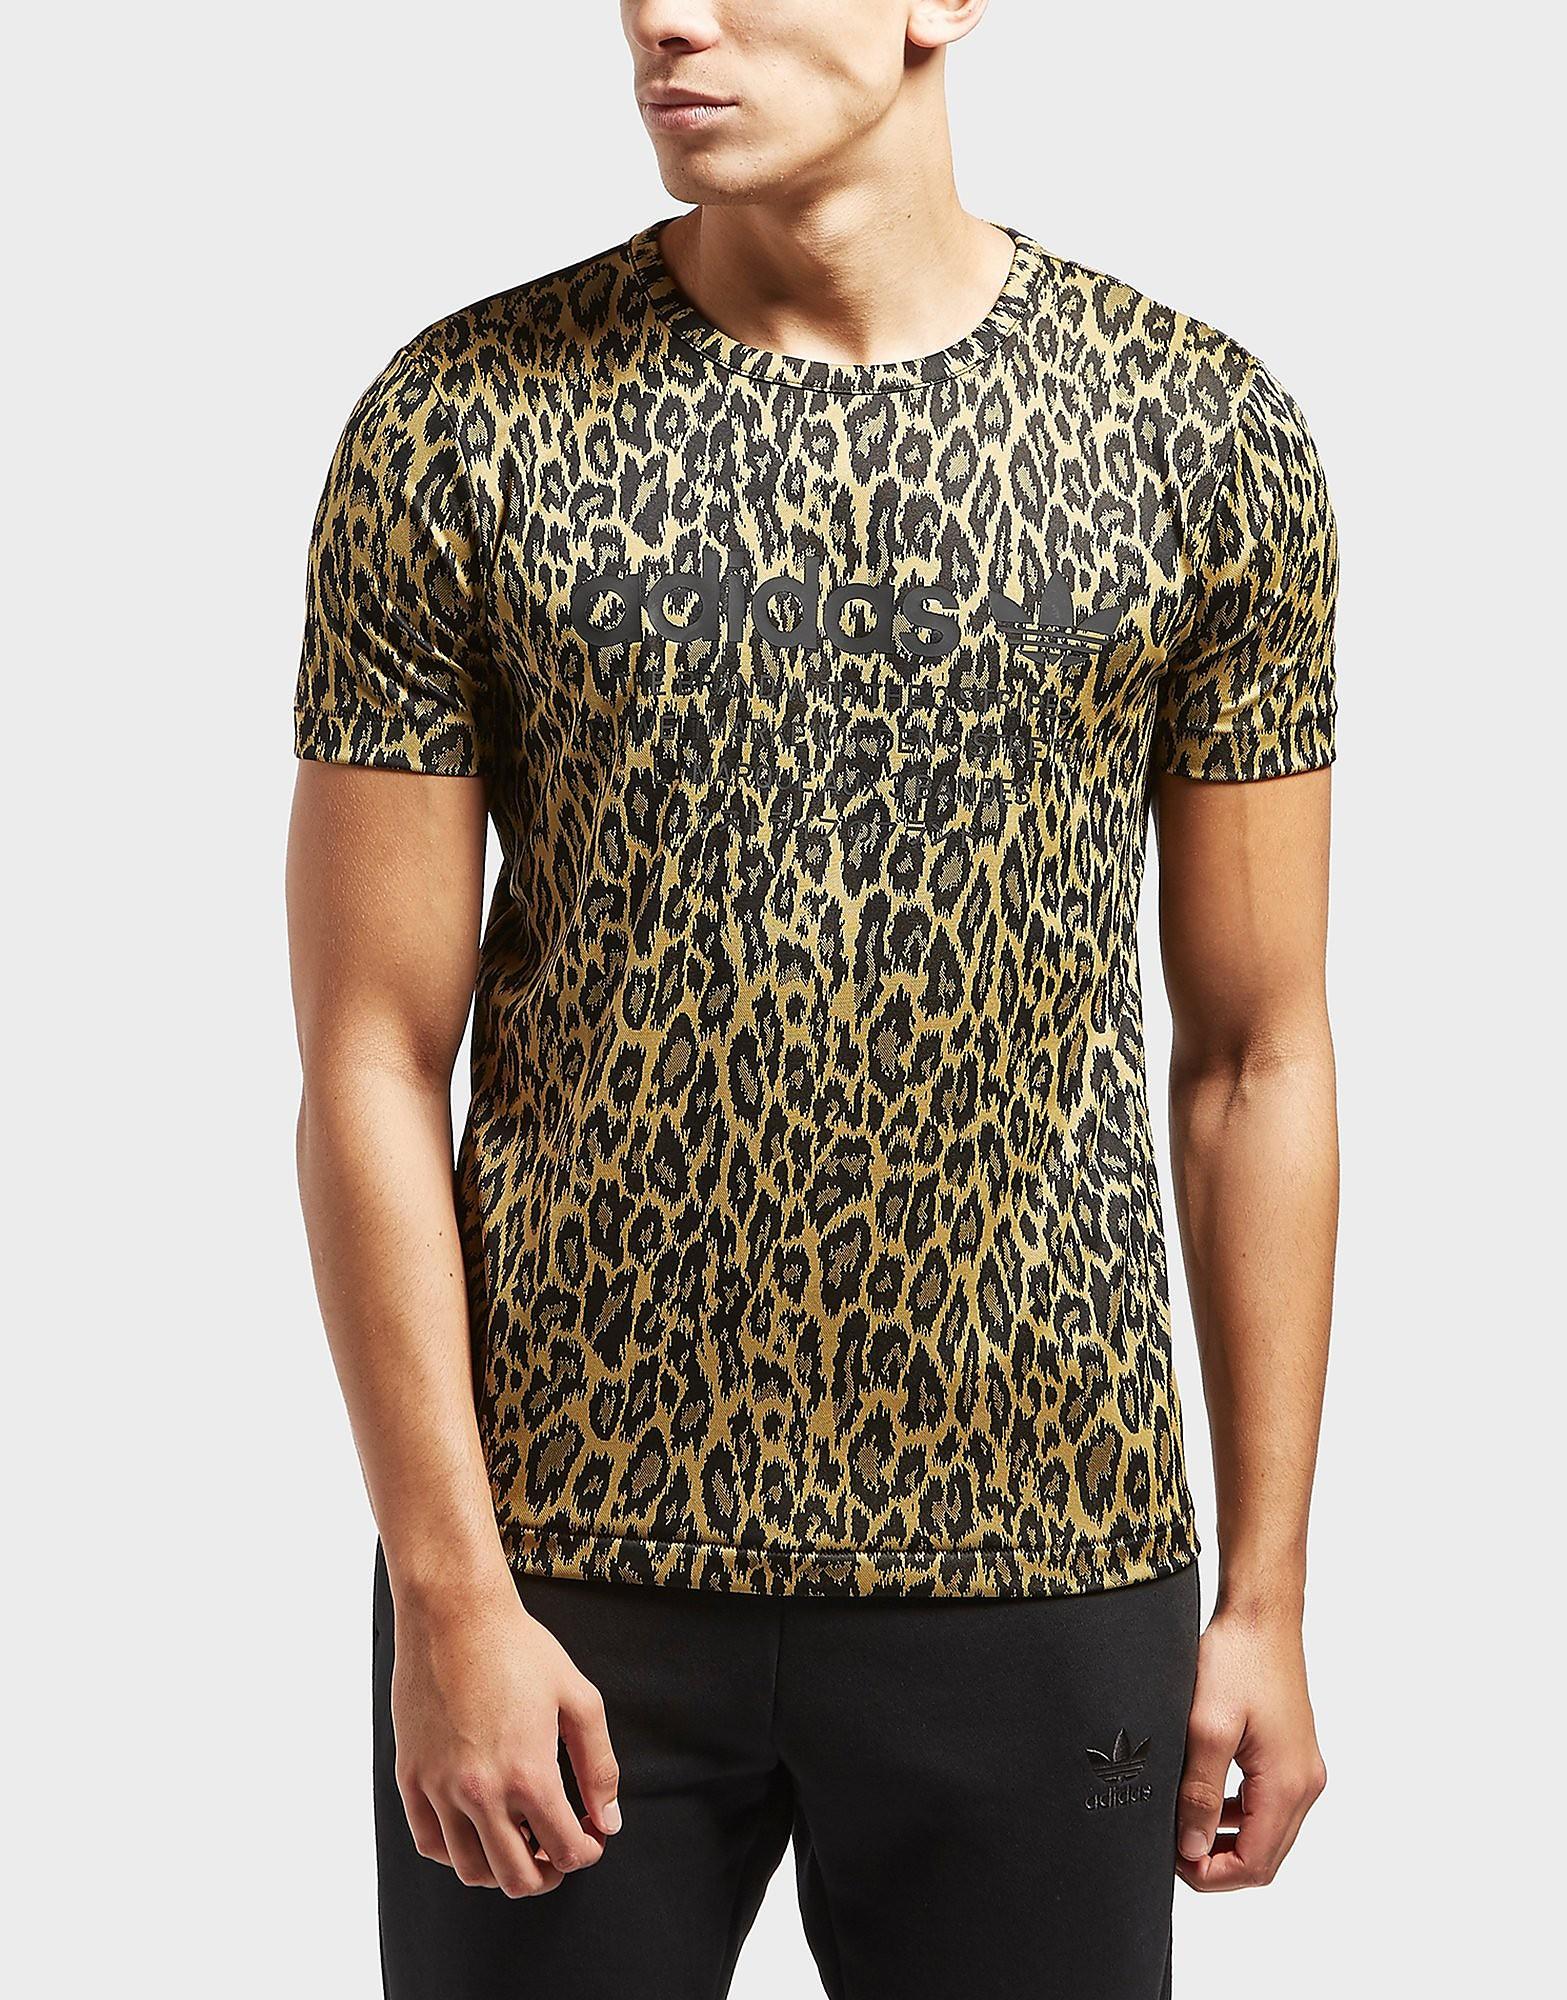 adidas Originals NMD Leopard Short Sleeve T-Shirt